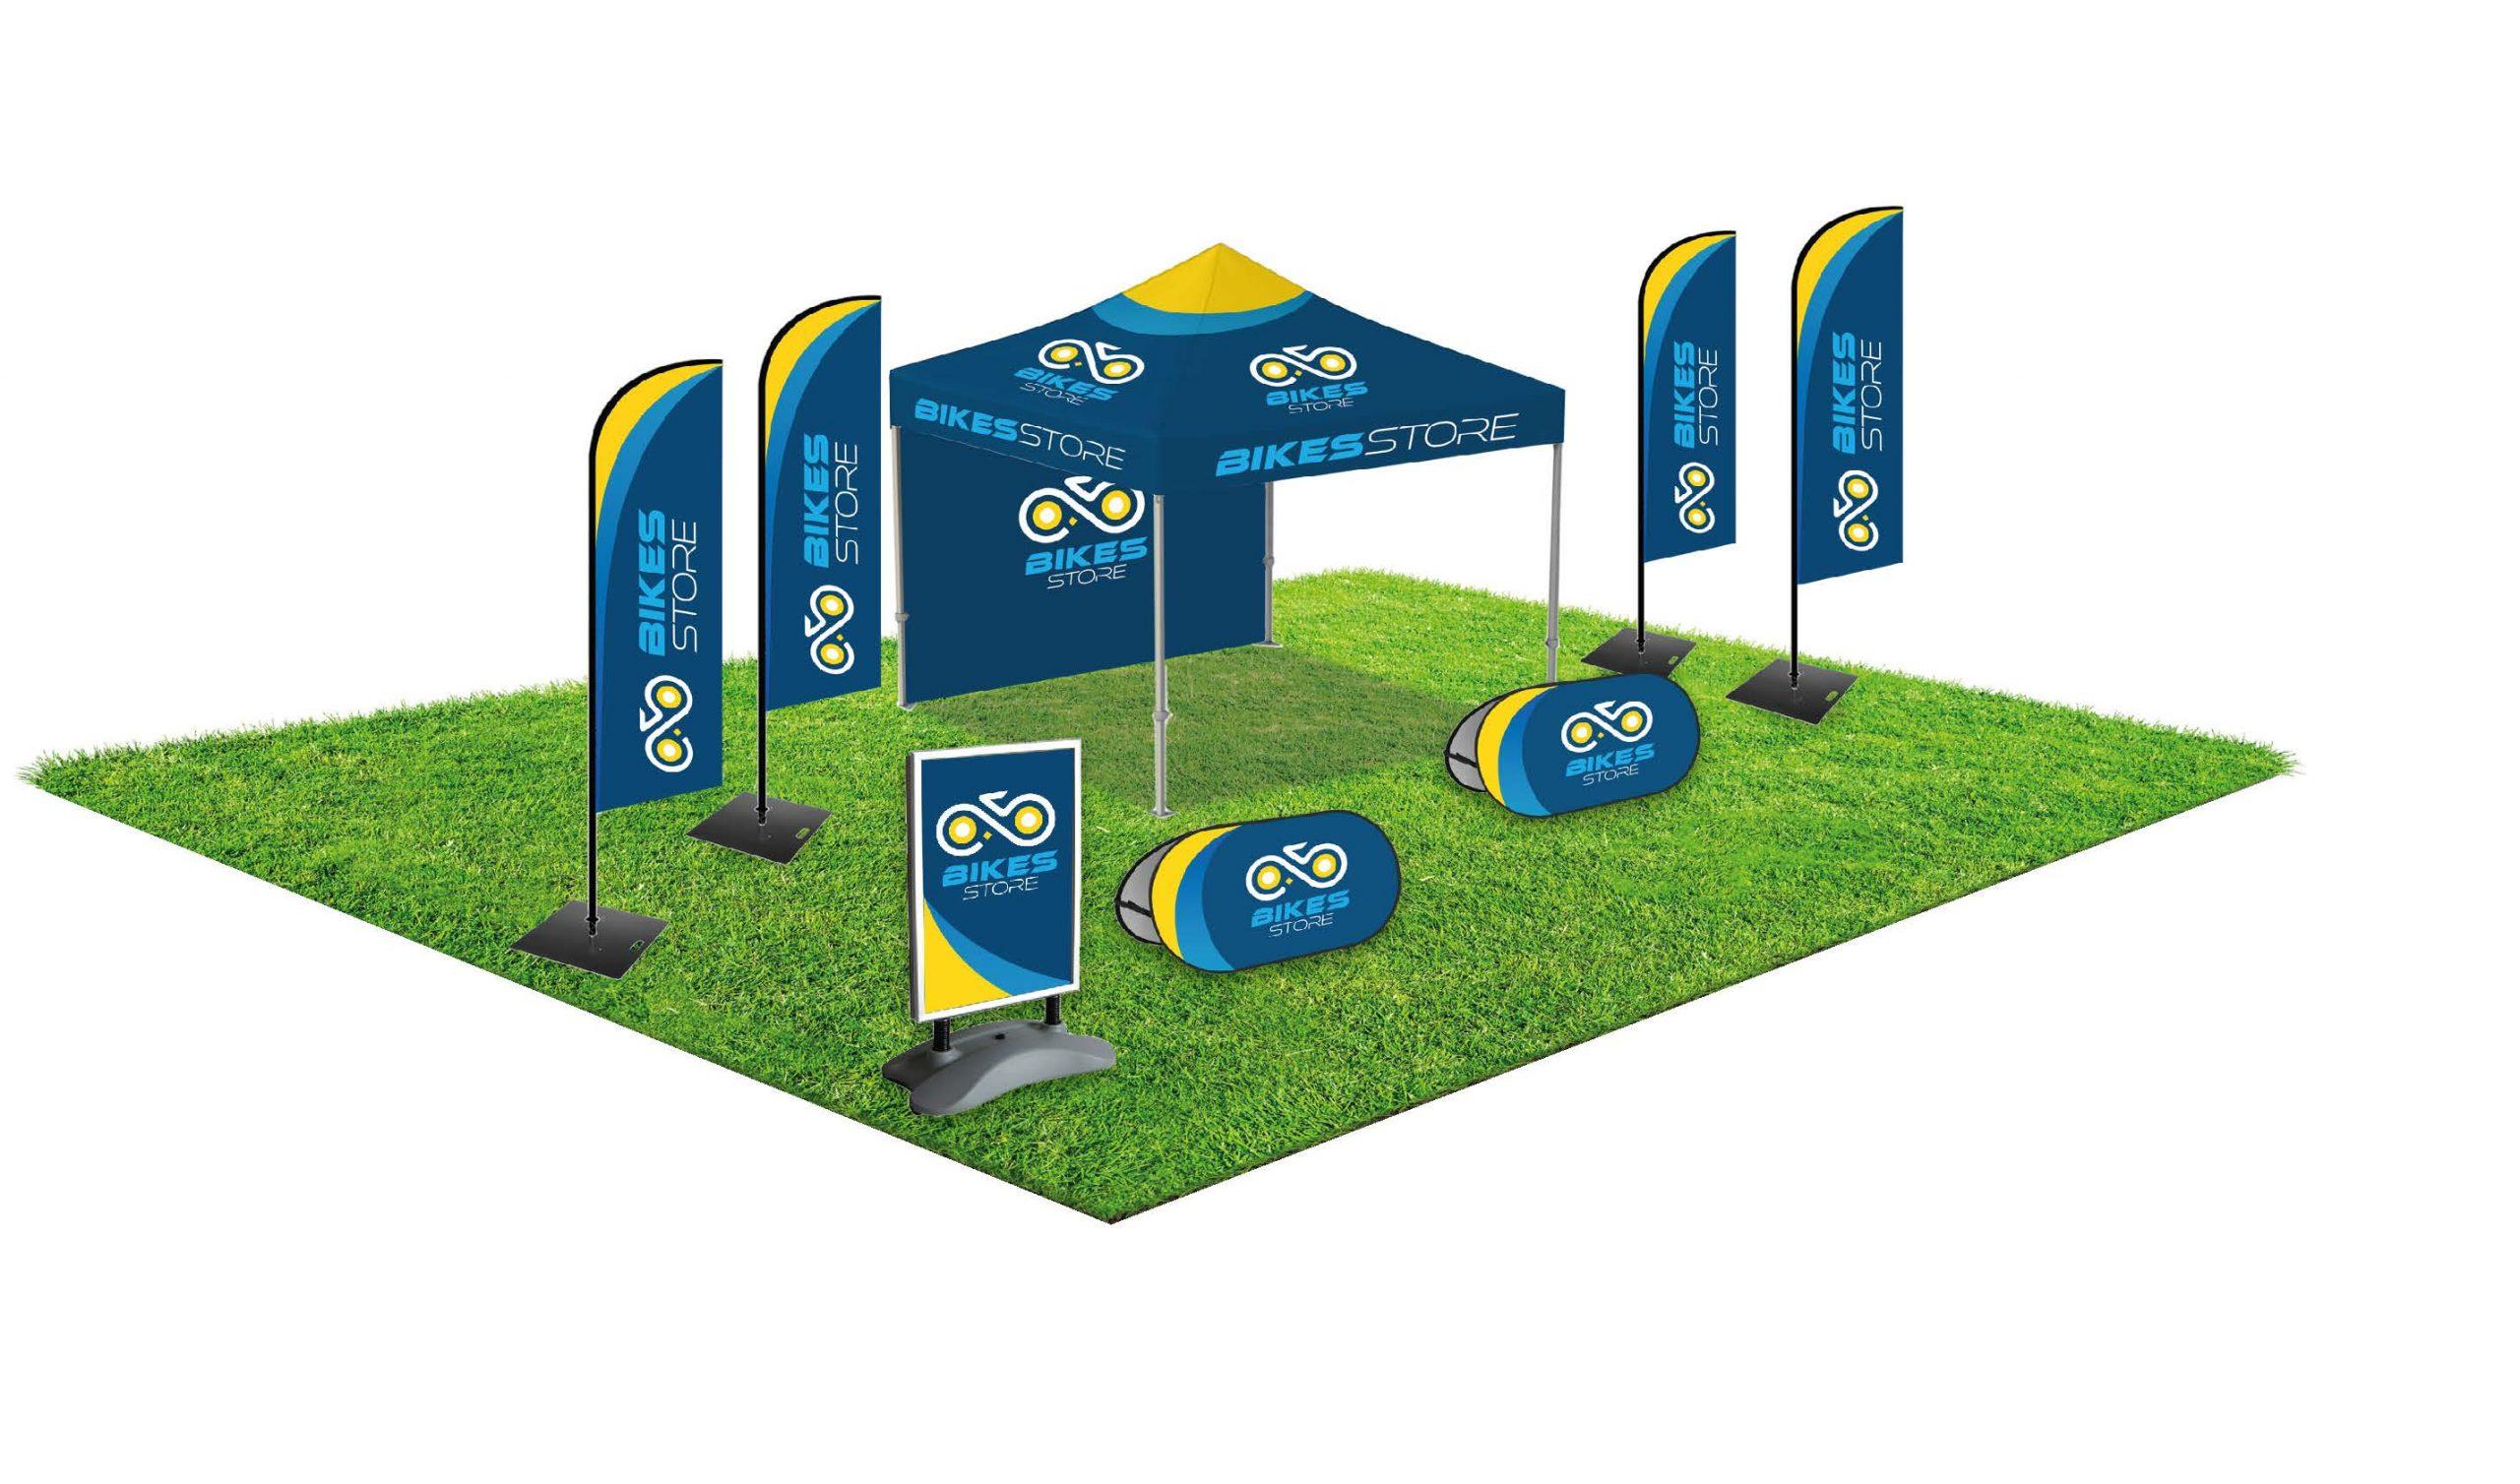 Outdoor Event Kit voor meer merkbeleving